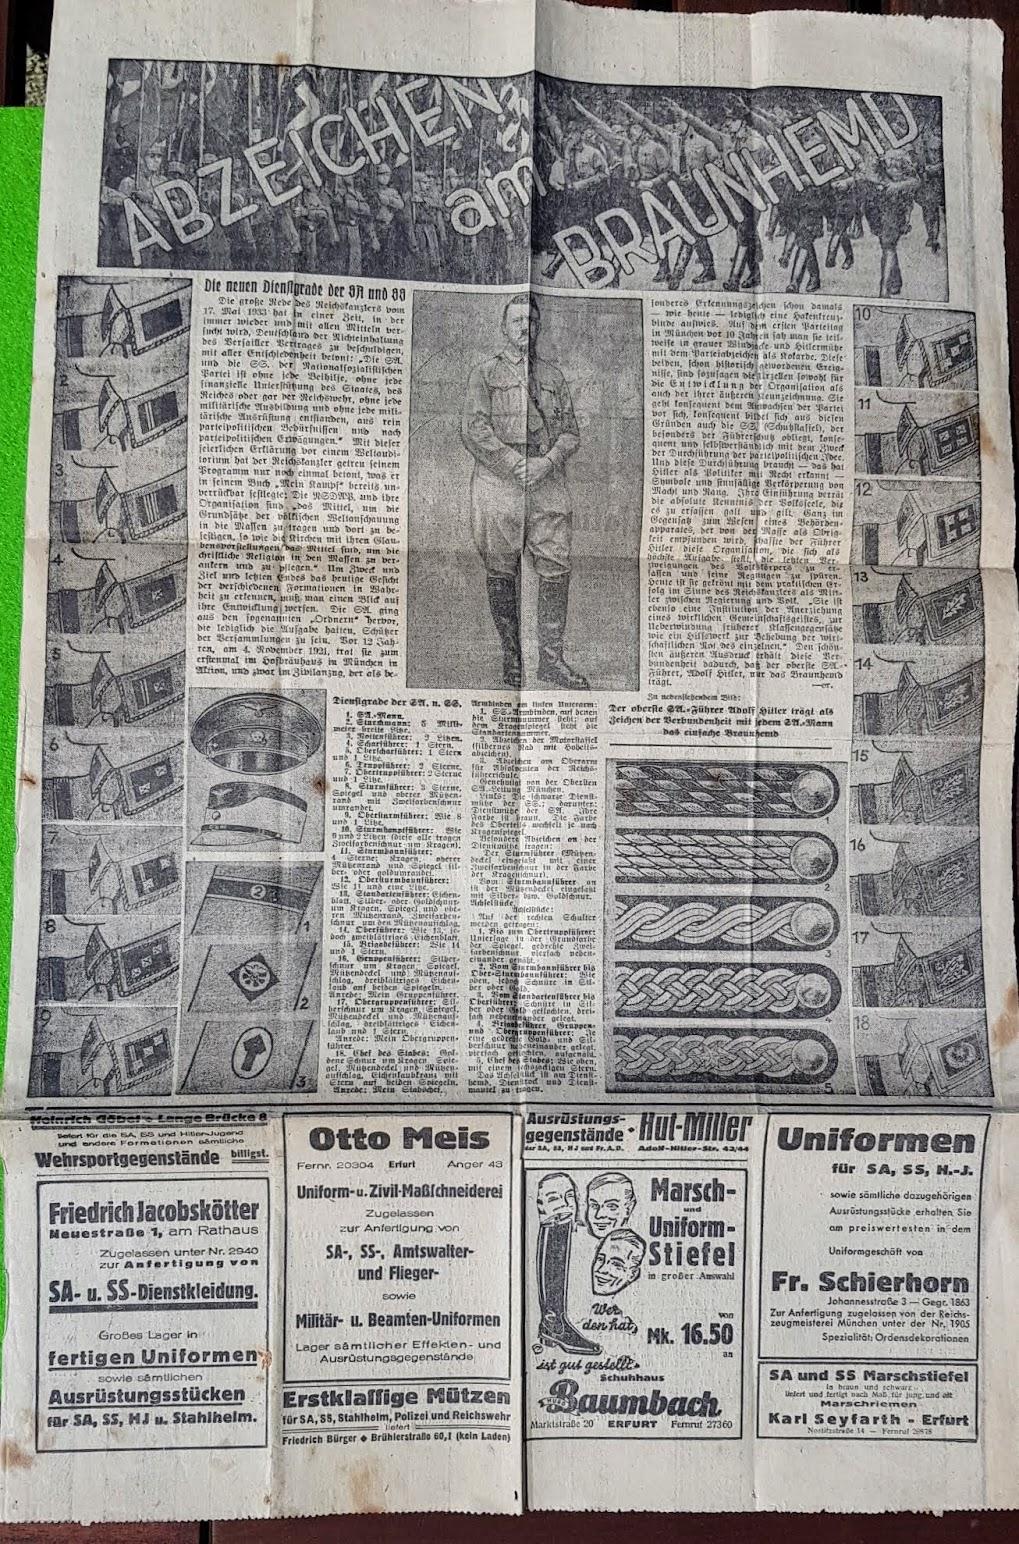 Thüringer Allgemeinen Zeitung vom 13. September 1933, SA-Dienstgrade und ihre Abzeichen; Anzeigen für SA- und SS-Uniformen